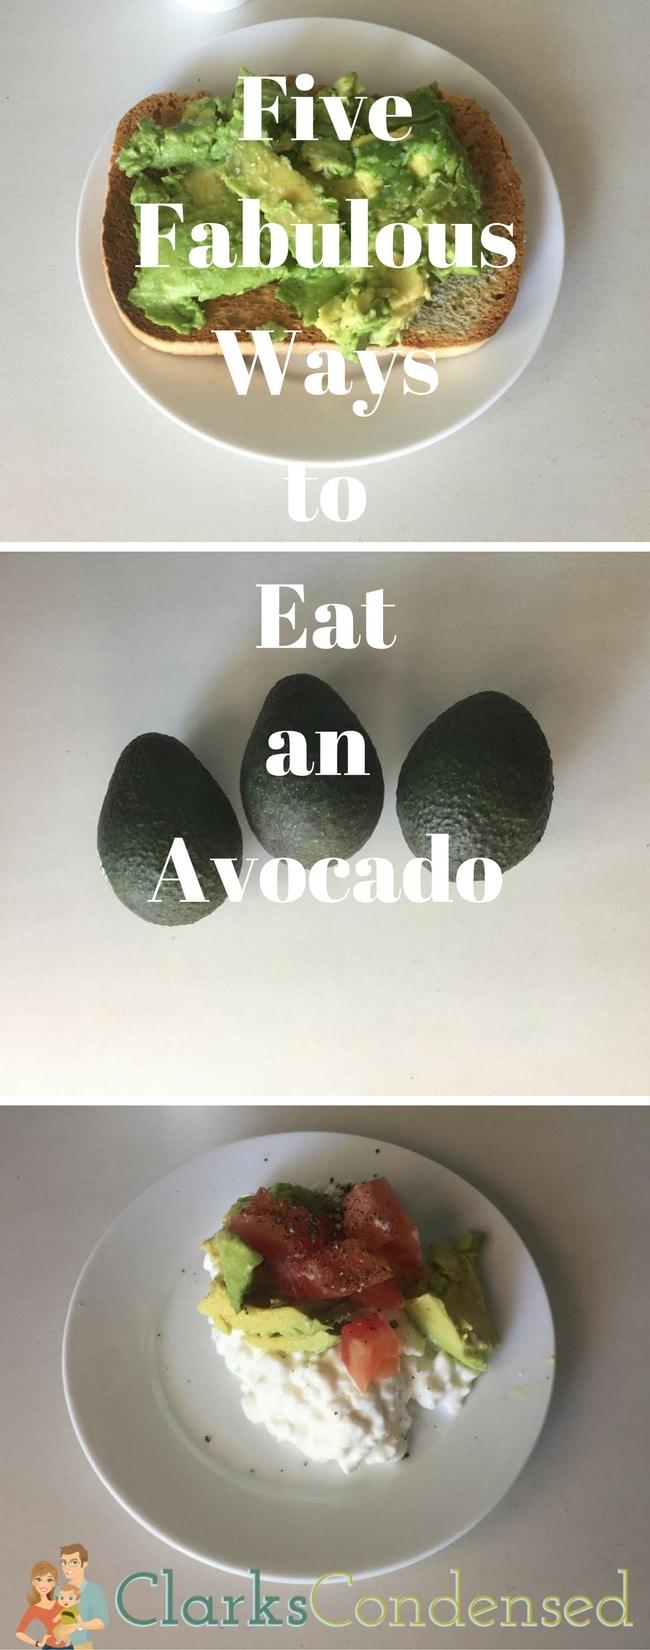 Five Fabulous Ways to Eat an Avocado via @clarkscondensed